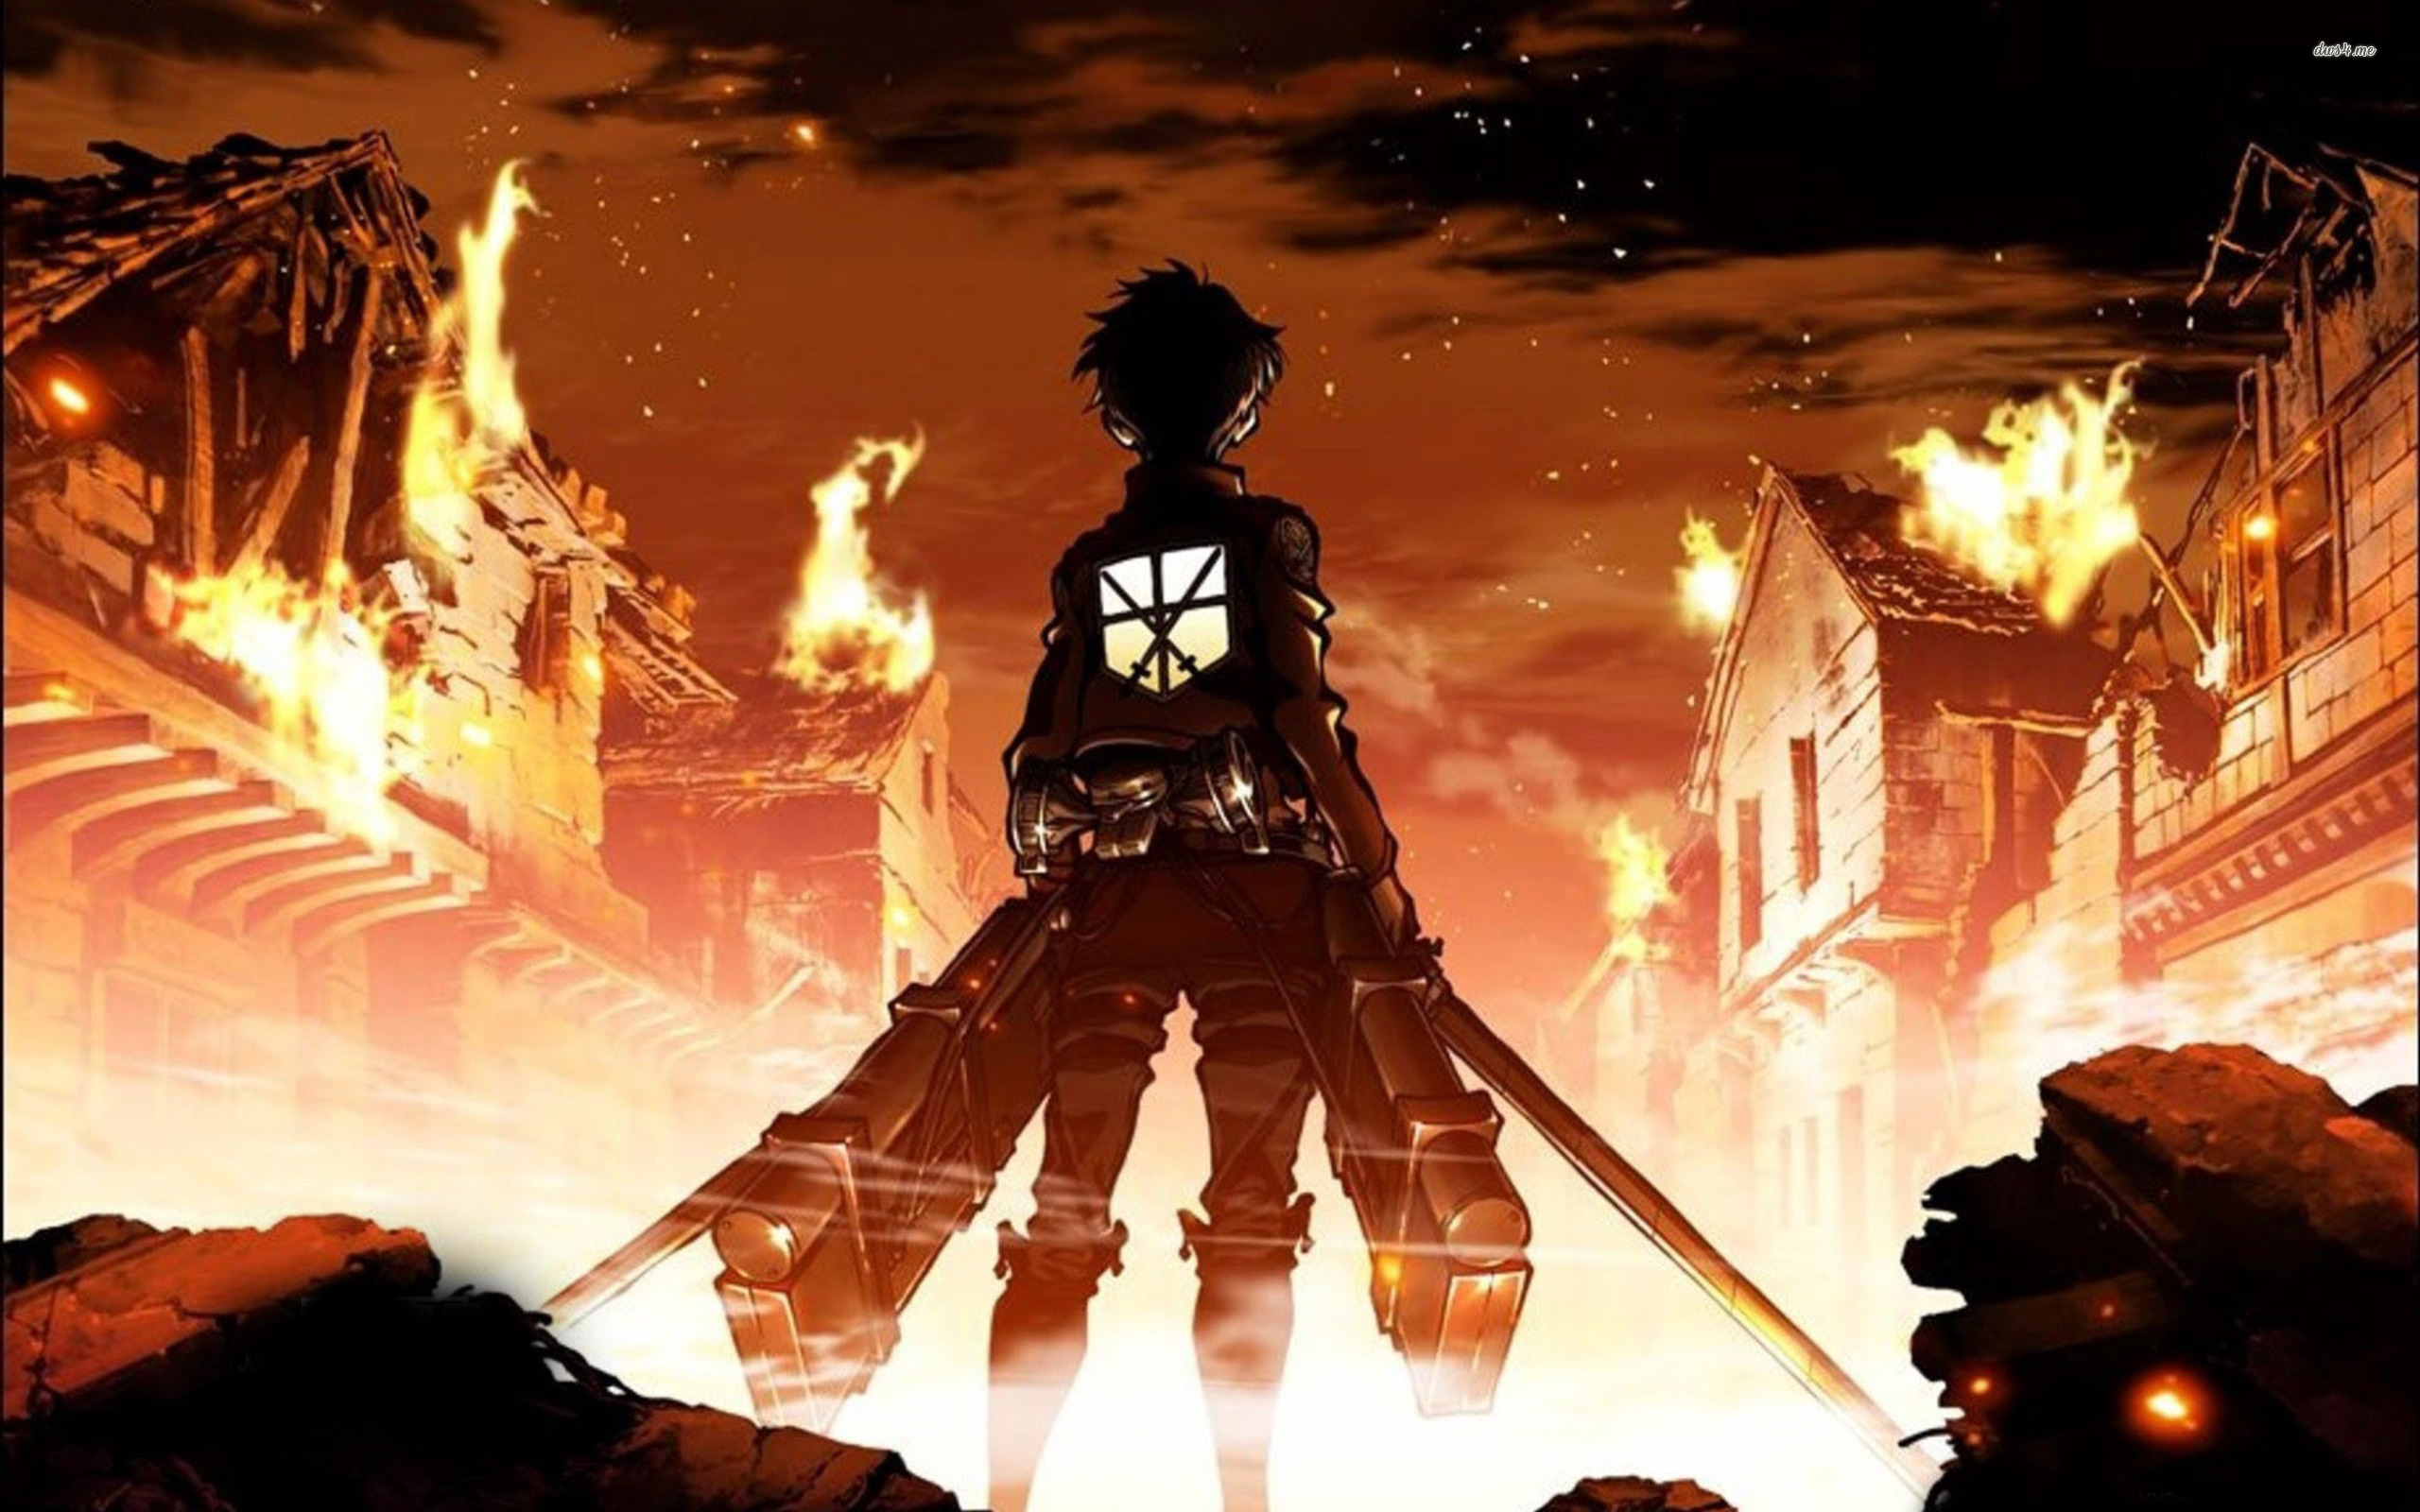 Attack-on-Titan Daha fazla bilgi | Anime ve Manga haberleri | Oyun ve Teknoloji